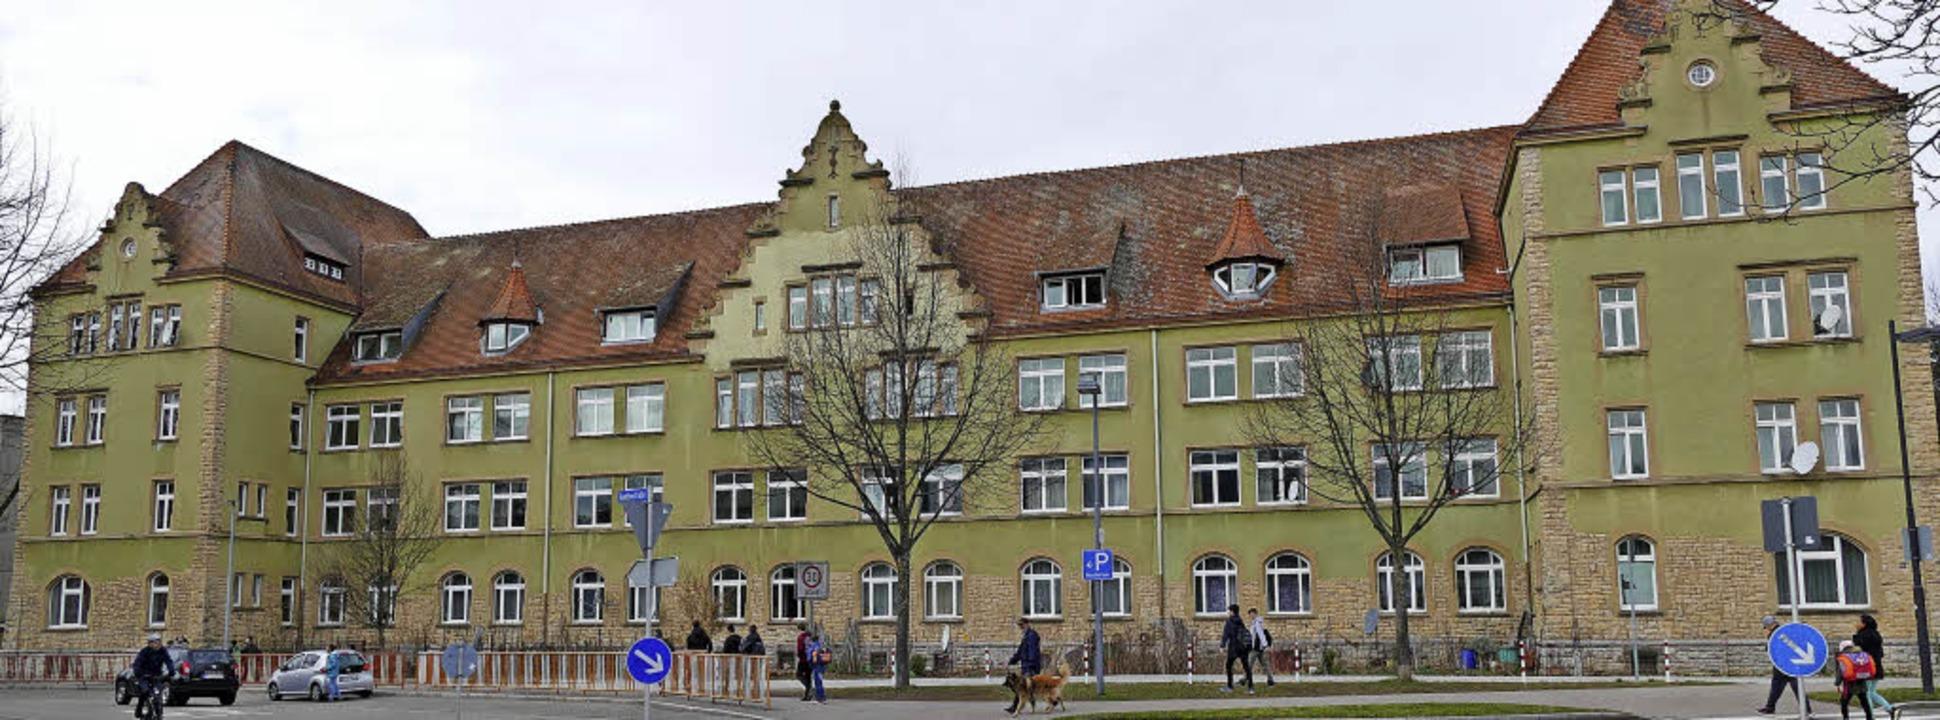 Das imposante Gebäude  Goethestraße 13...einderates auch in Zukunft so bleiben.  | Foto: Helena Hiss